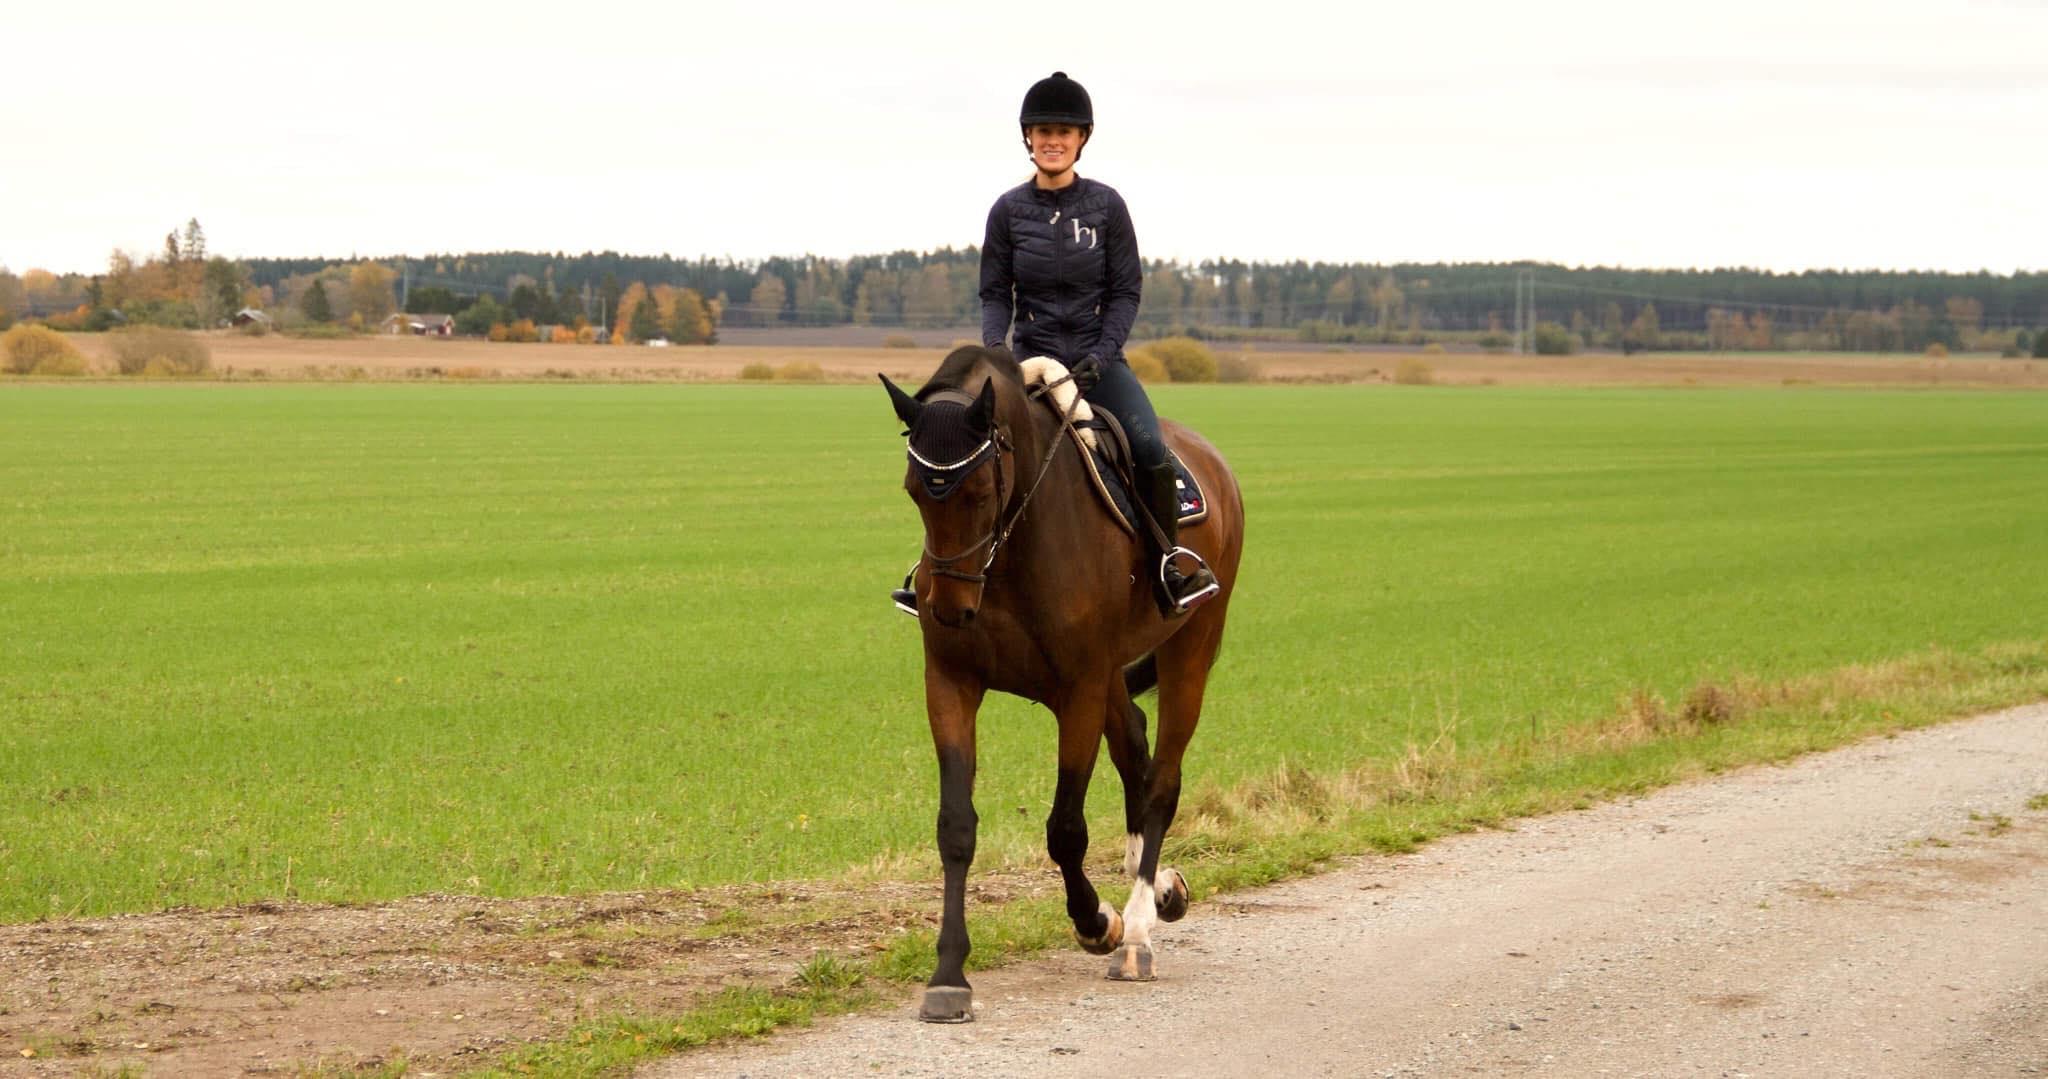 Glöm inte bort ryttaren i hästförsäkringen!